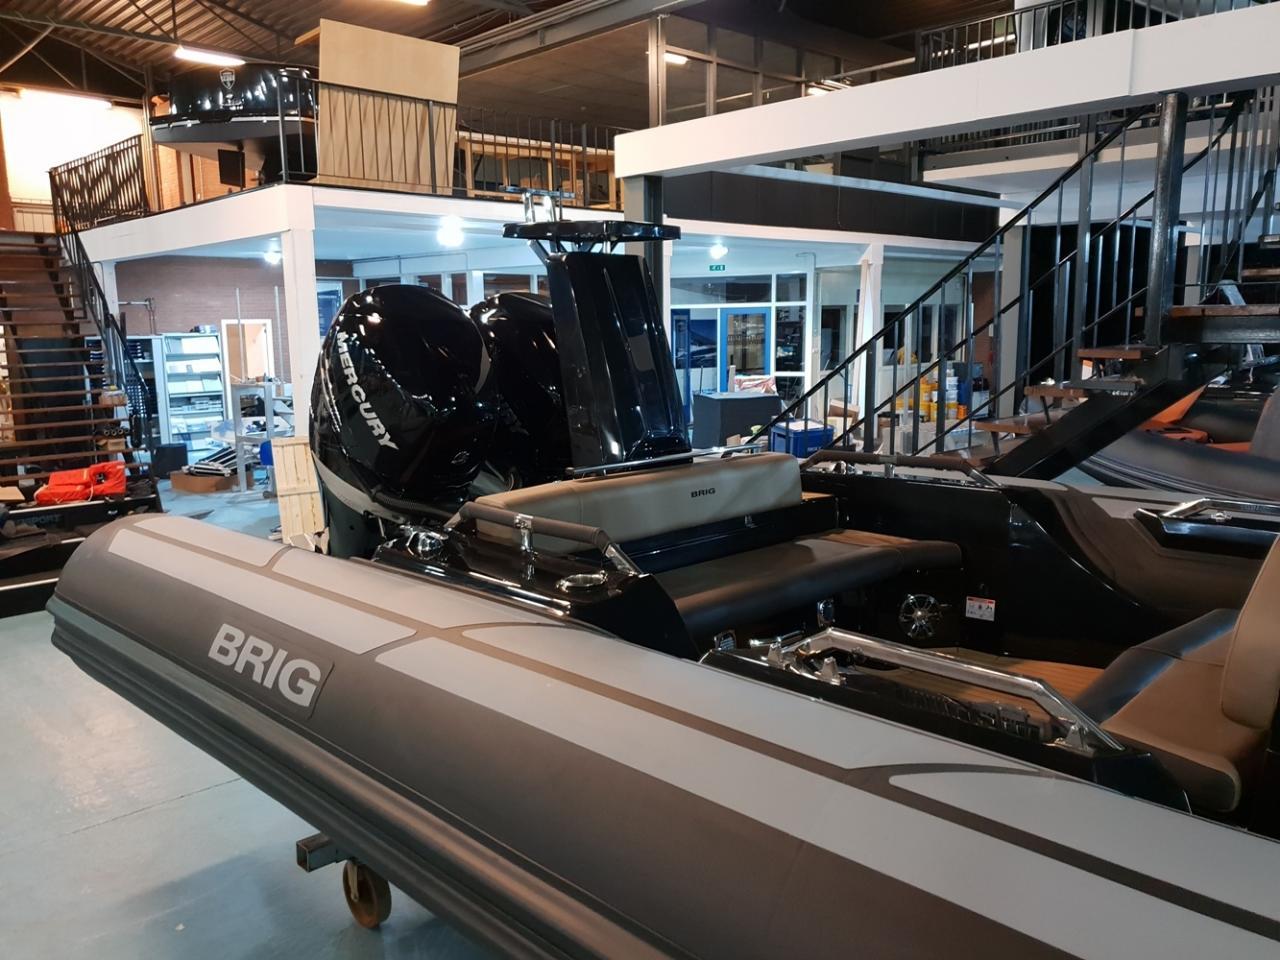 Brig Eagle 10 met 2 x Mercury Verado 400 pk! 9